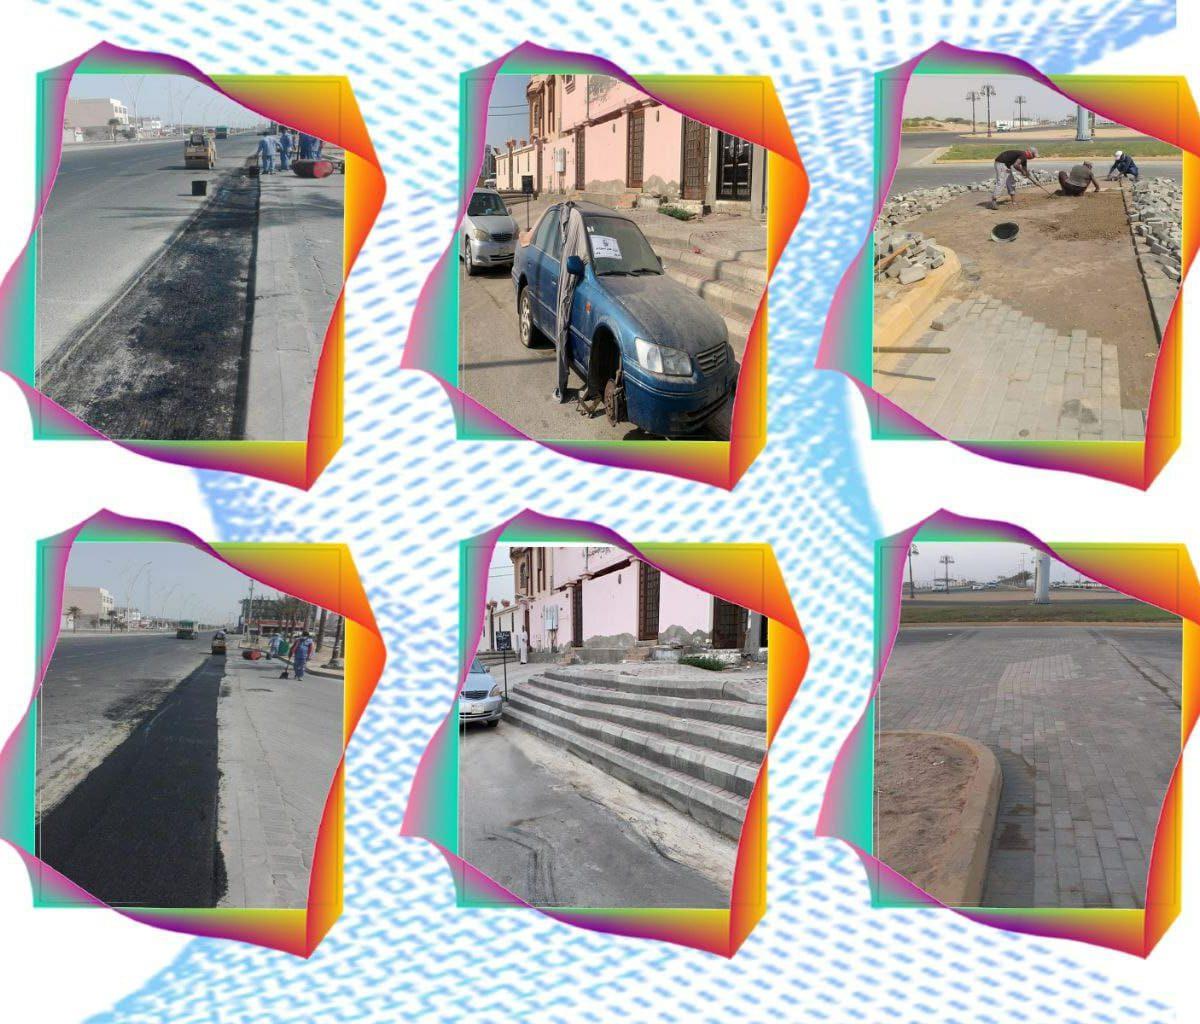 بلدية محافظة أملج تنفذ حملة لمعالجة التشوه البصري